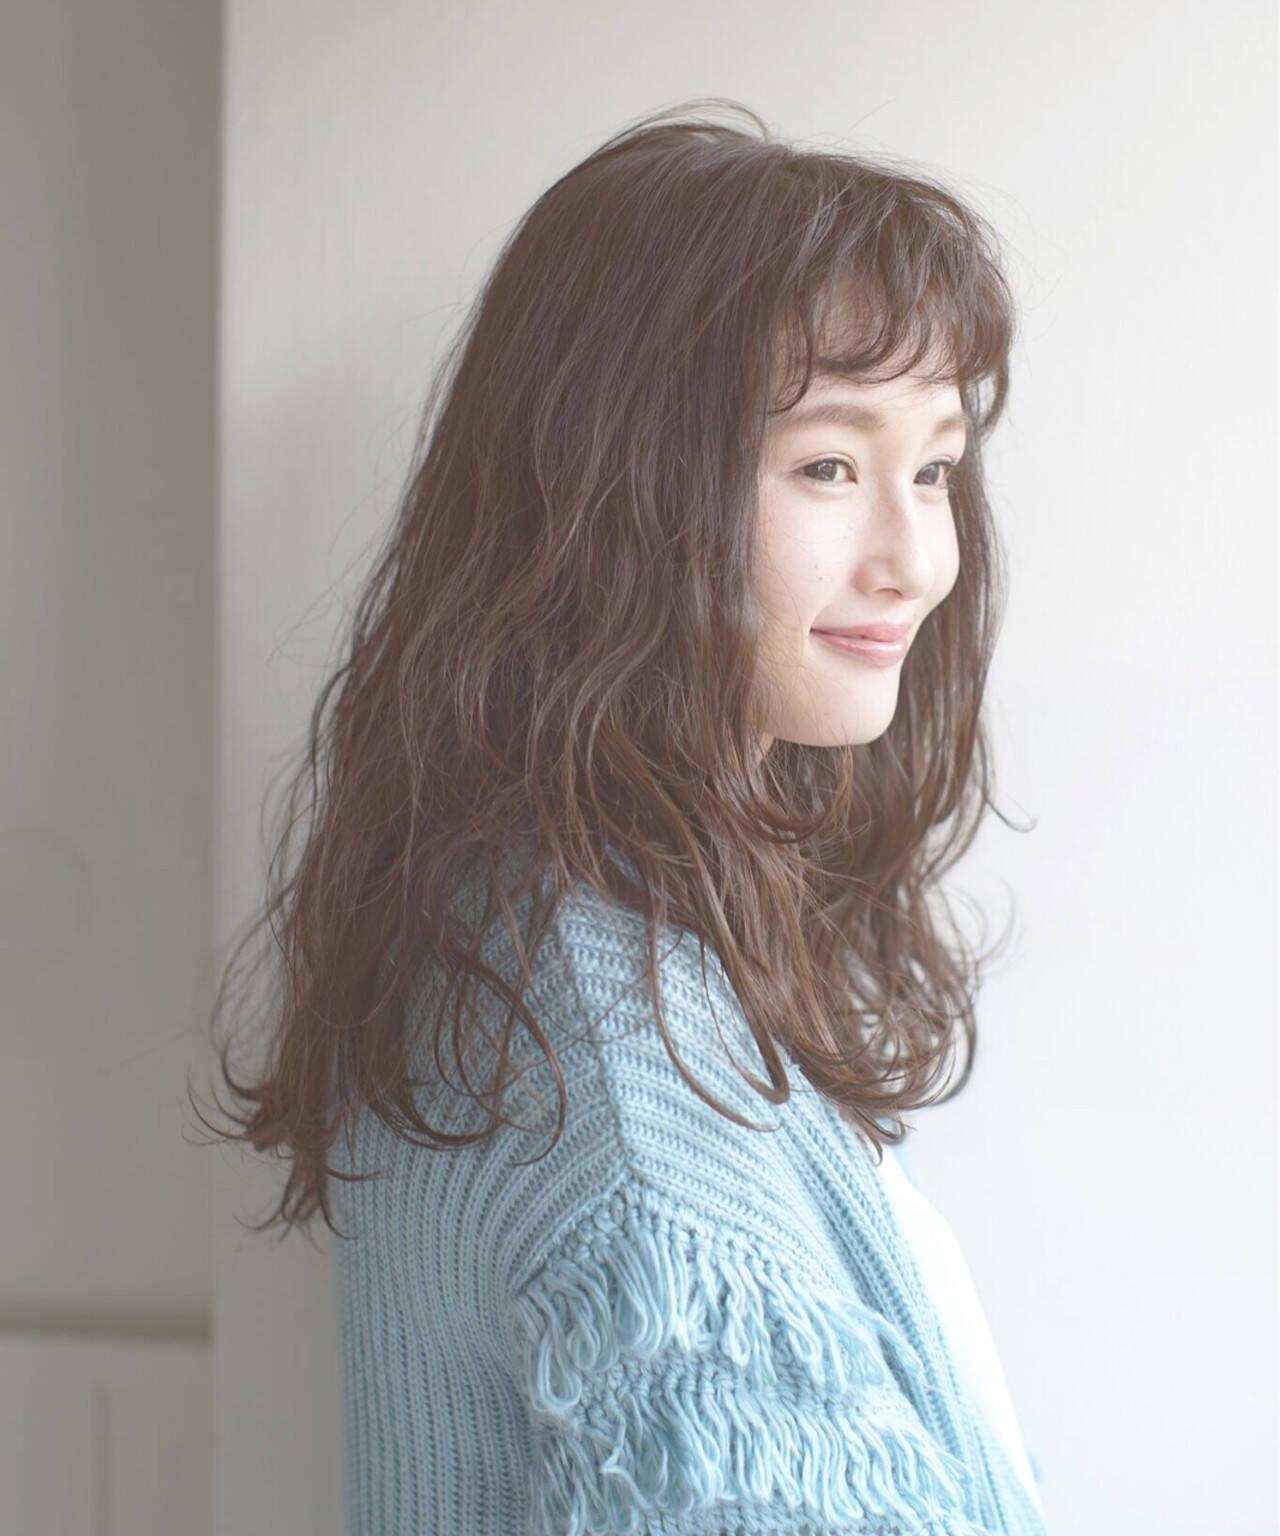 前髪パーマ ショートバング パーマ ゆるふわヘアスタイルや髪型の写真・画像